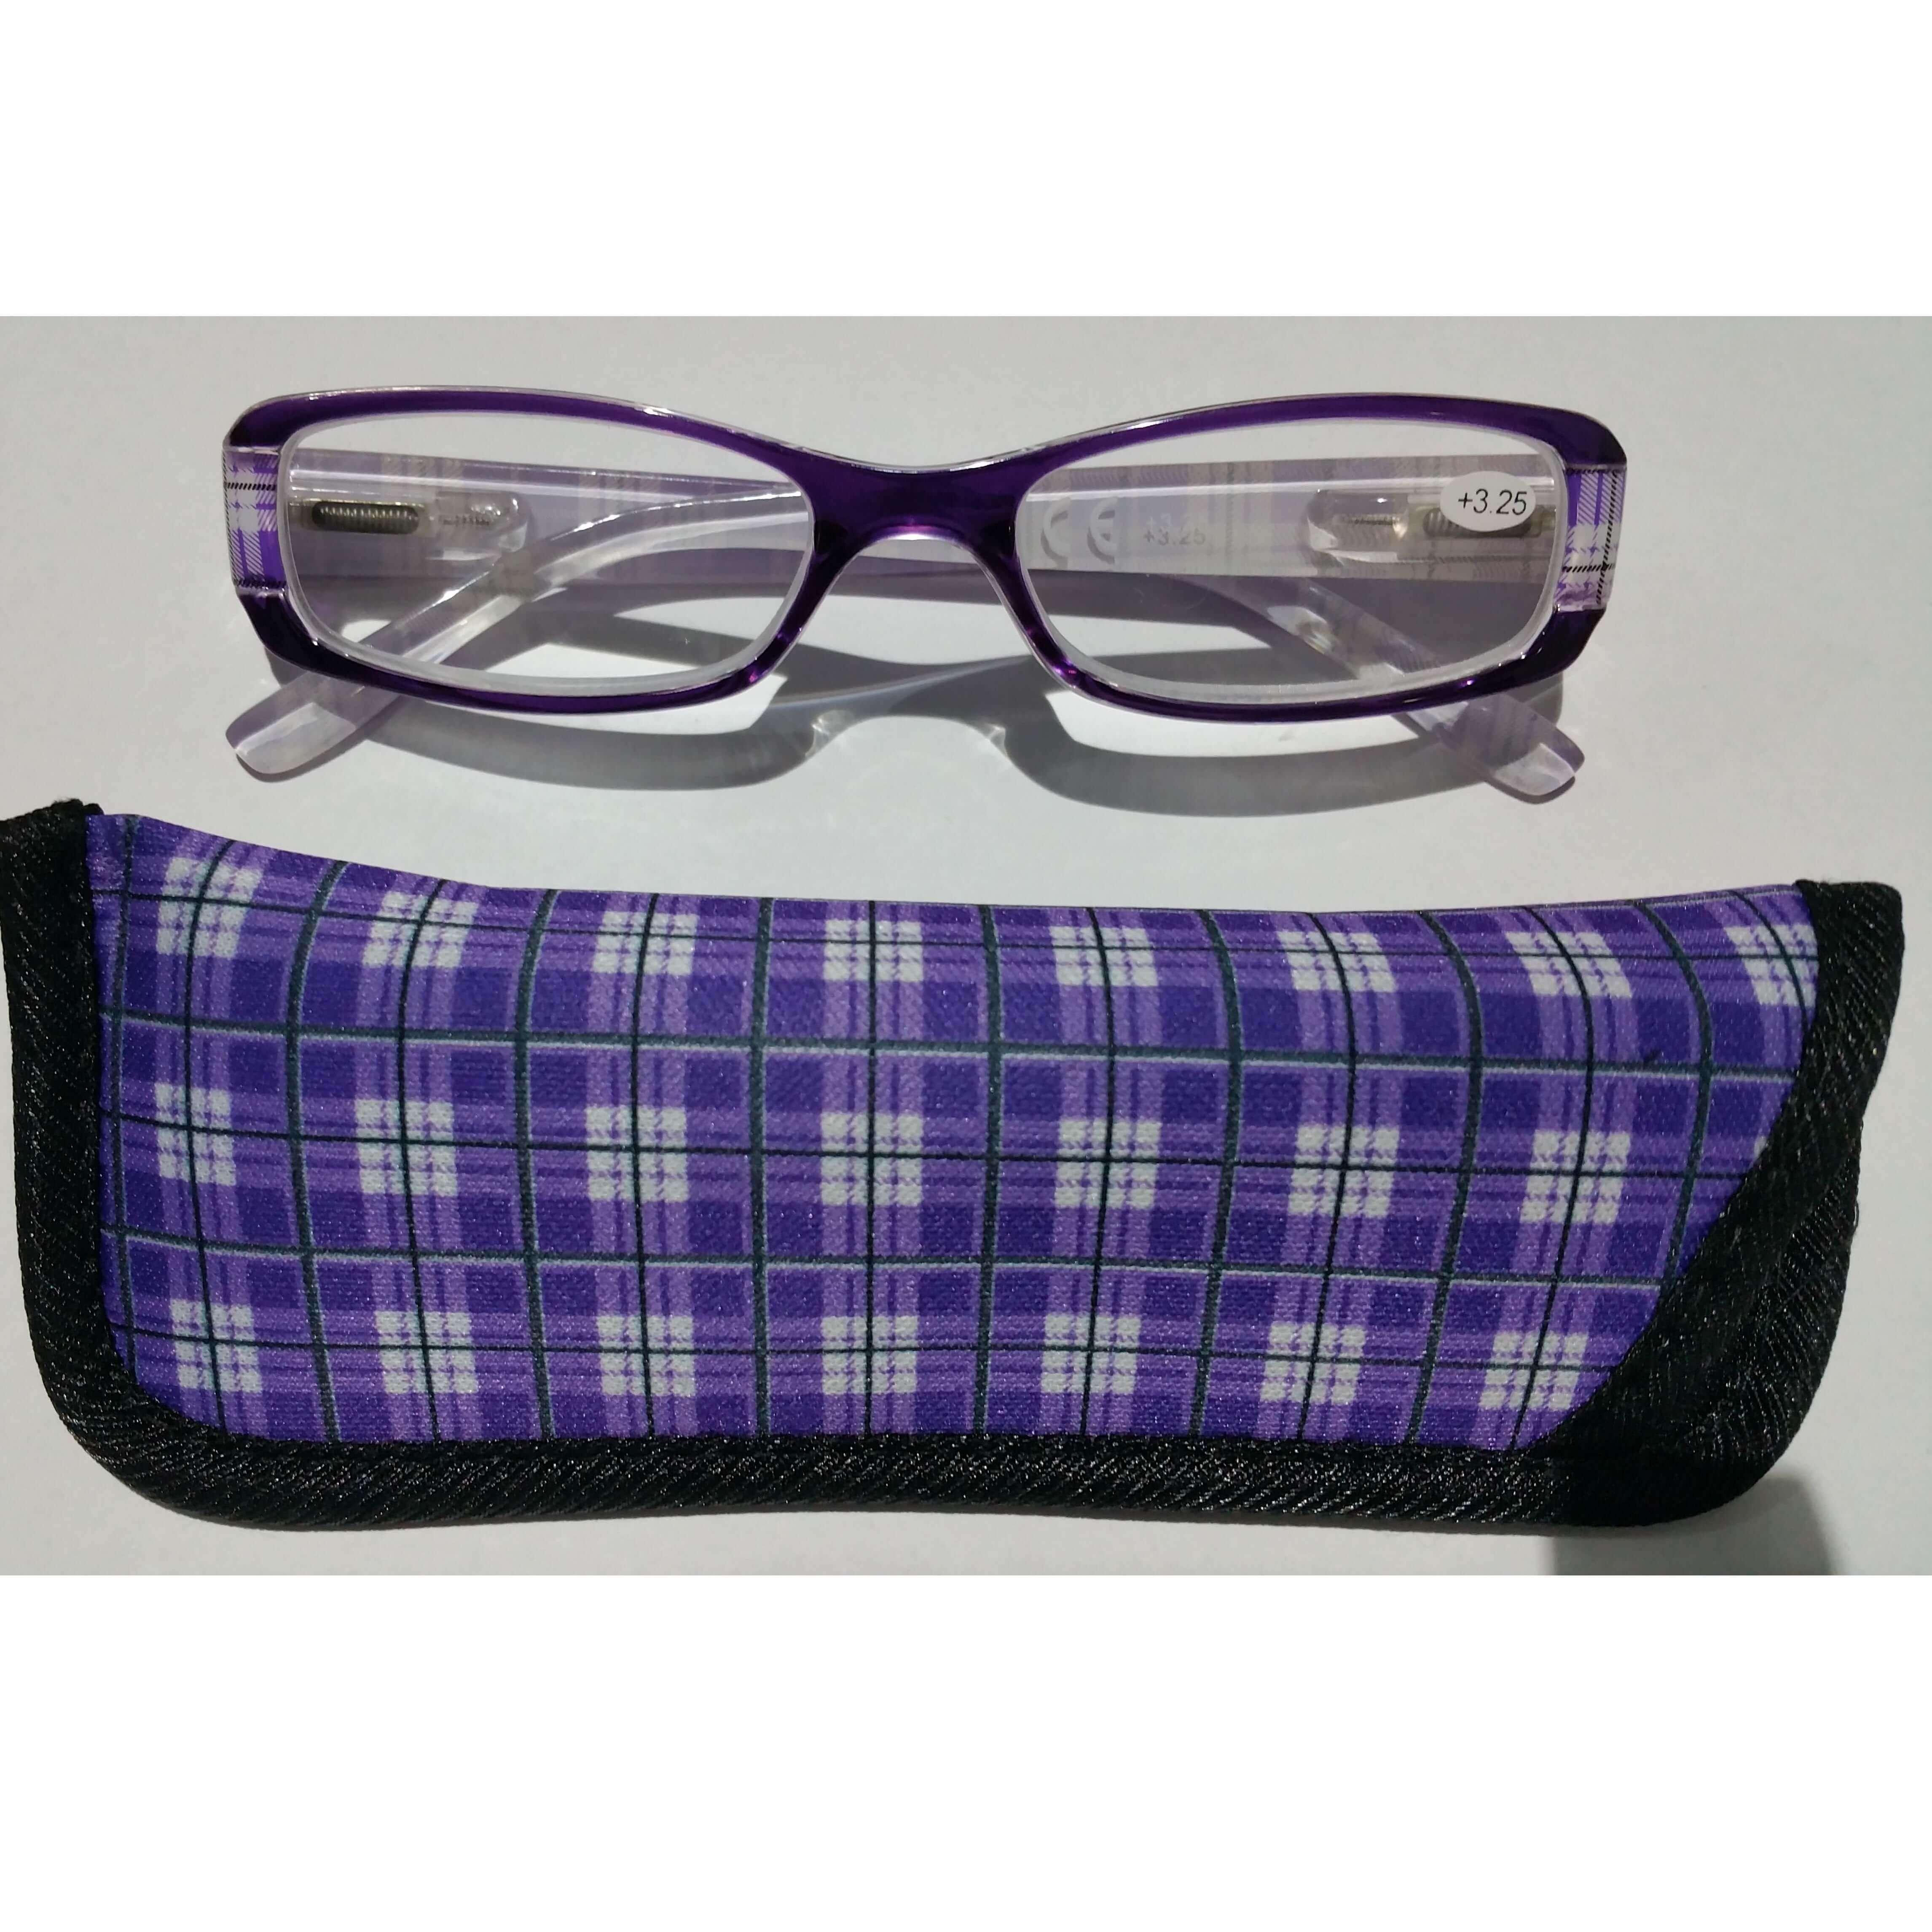 Γυαλιά Διαβάσματος Κοκκάλινα σε Μωβ Χρώμα με Ειδική Θήκη Φύλαξης – 2,50